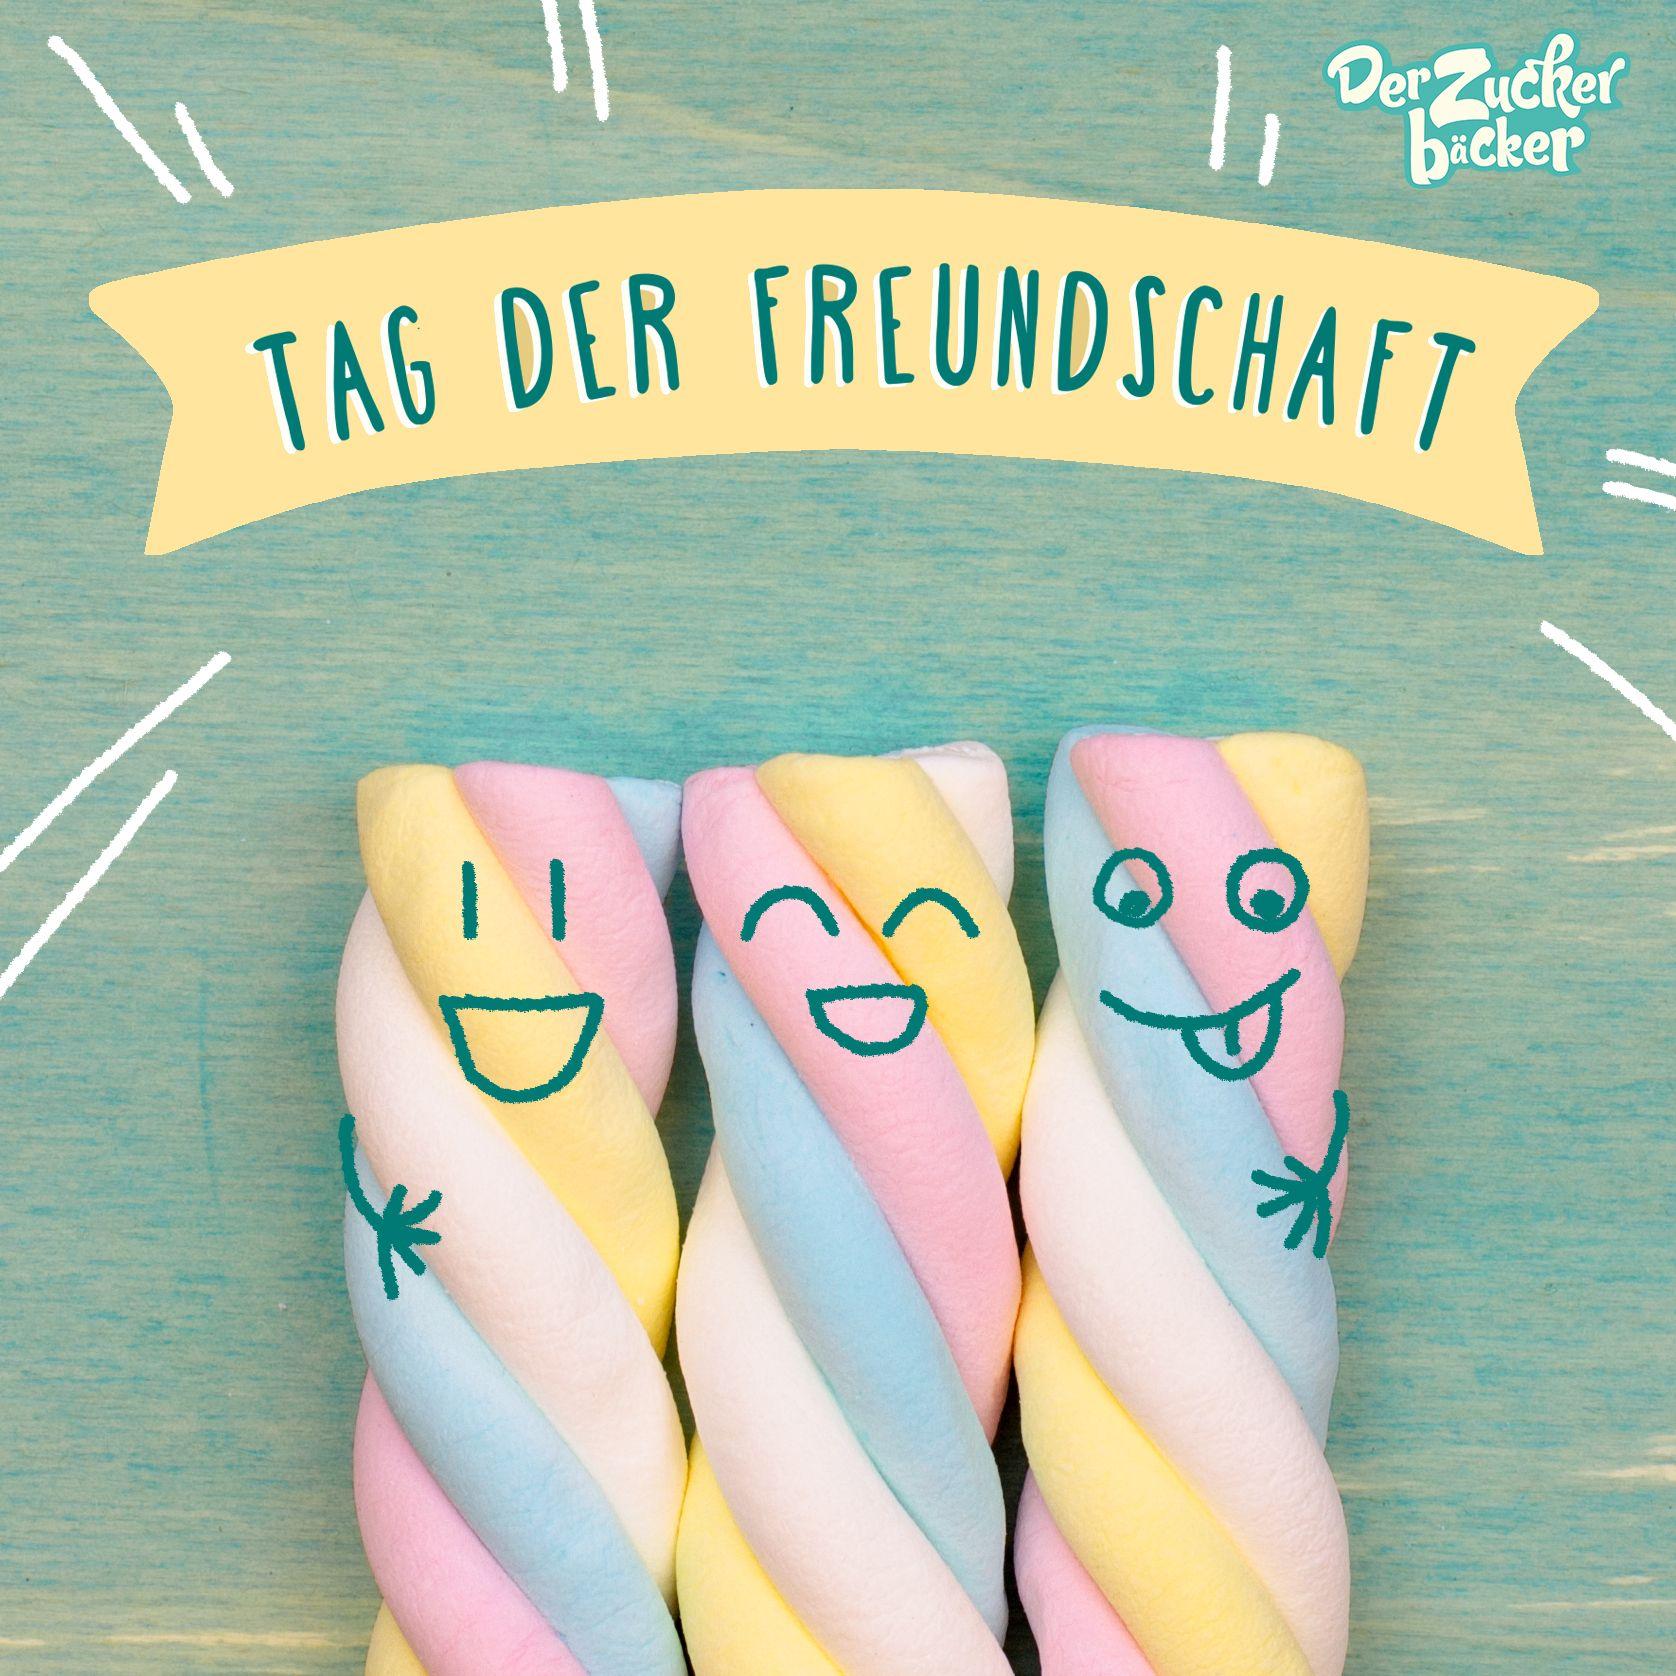 Tag der Freundschaft 30.07. | Süße geschenke für freundin